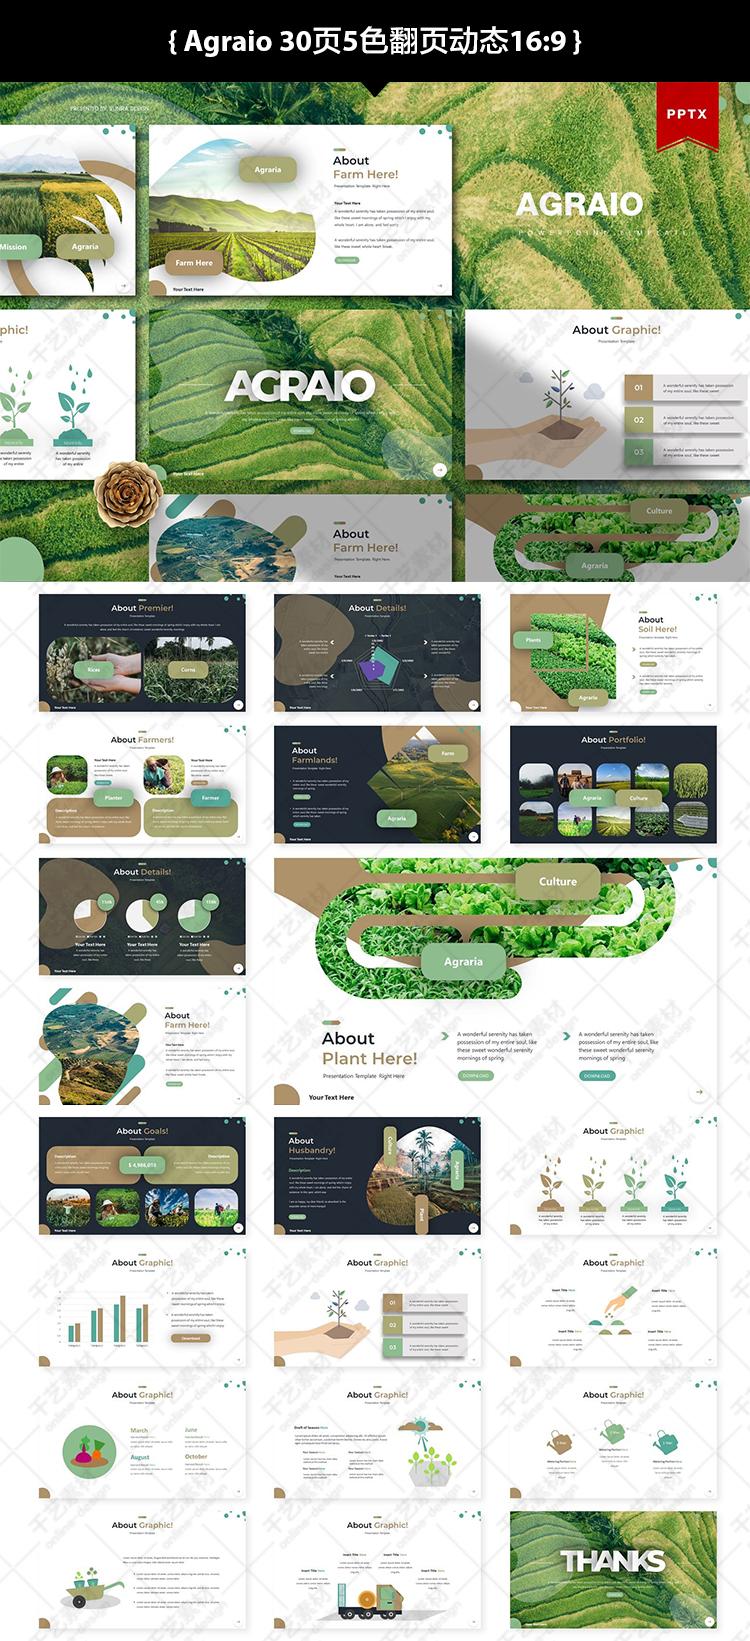 自然农业ppt素材扁平化图形项目展示工作总结汇报 ppt模板下载新插图(3)